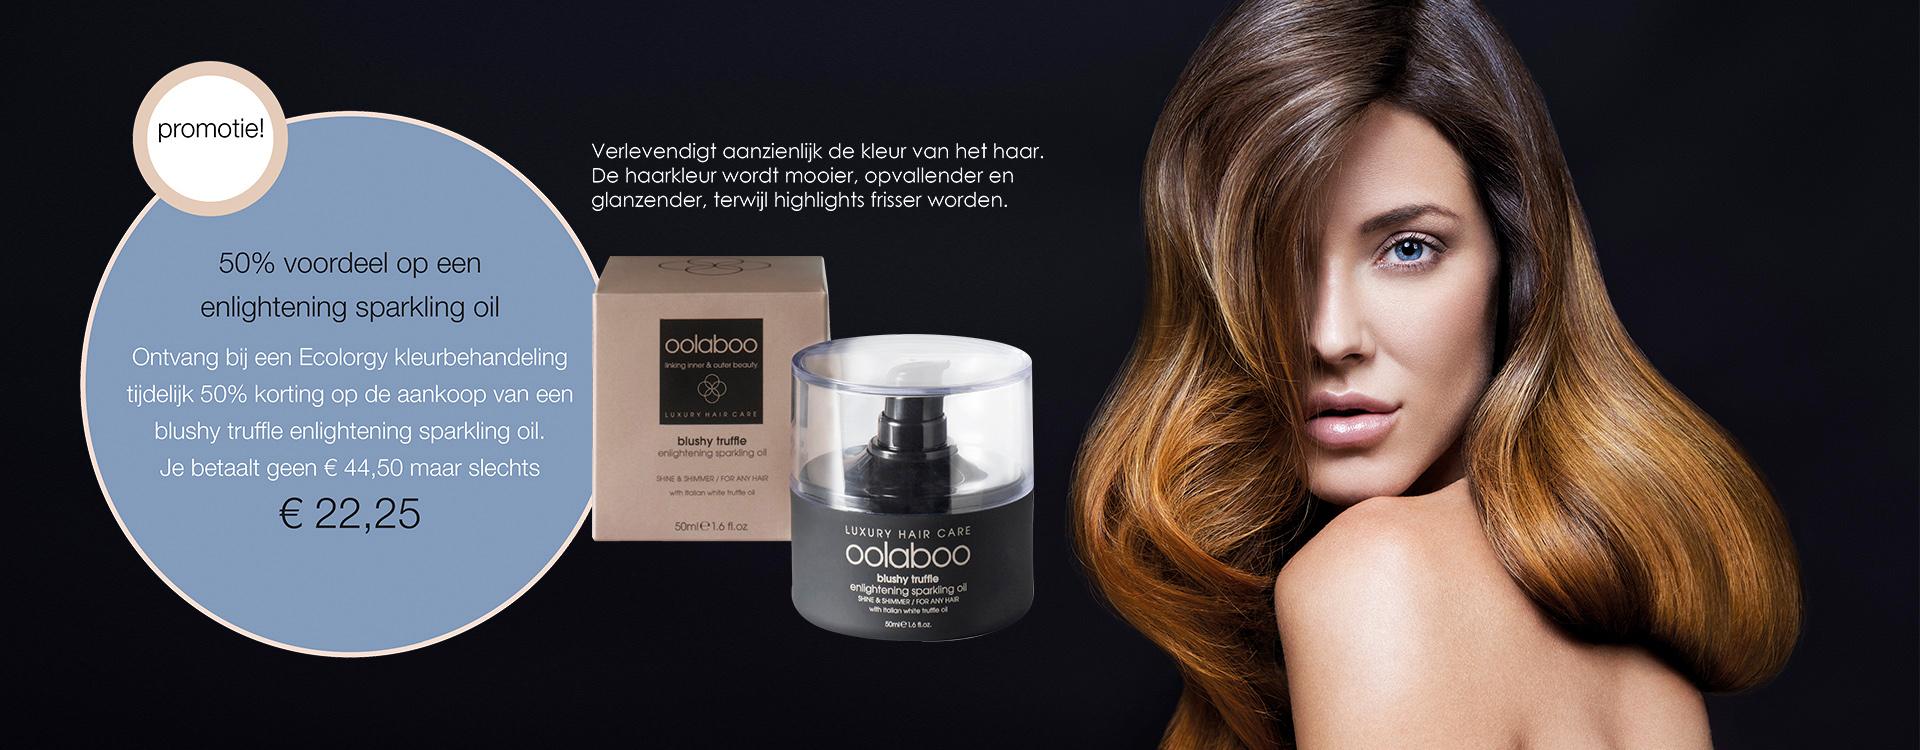 Promotie Oolaboo